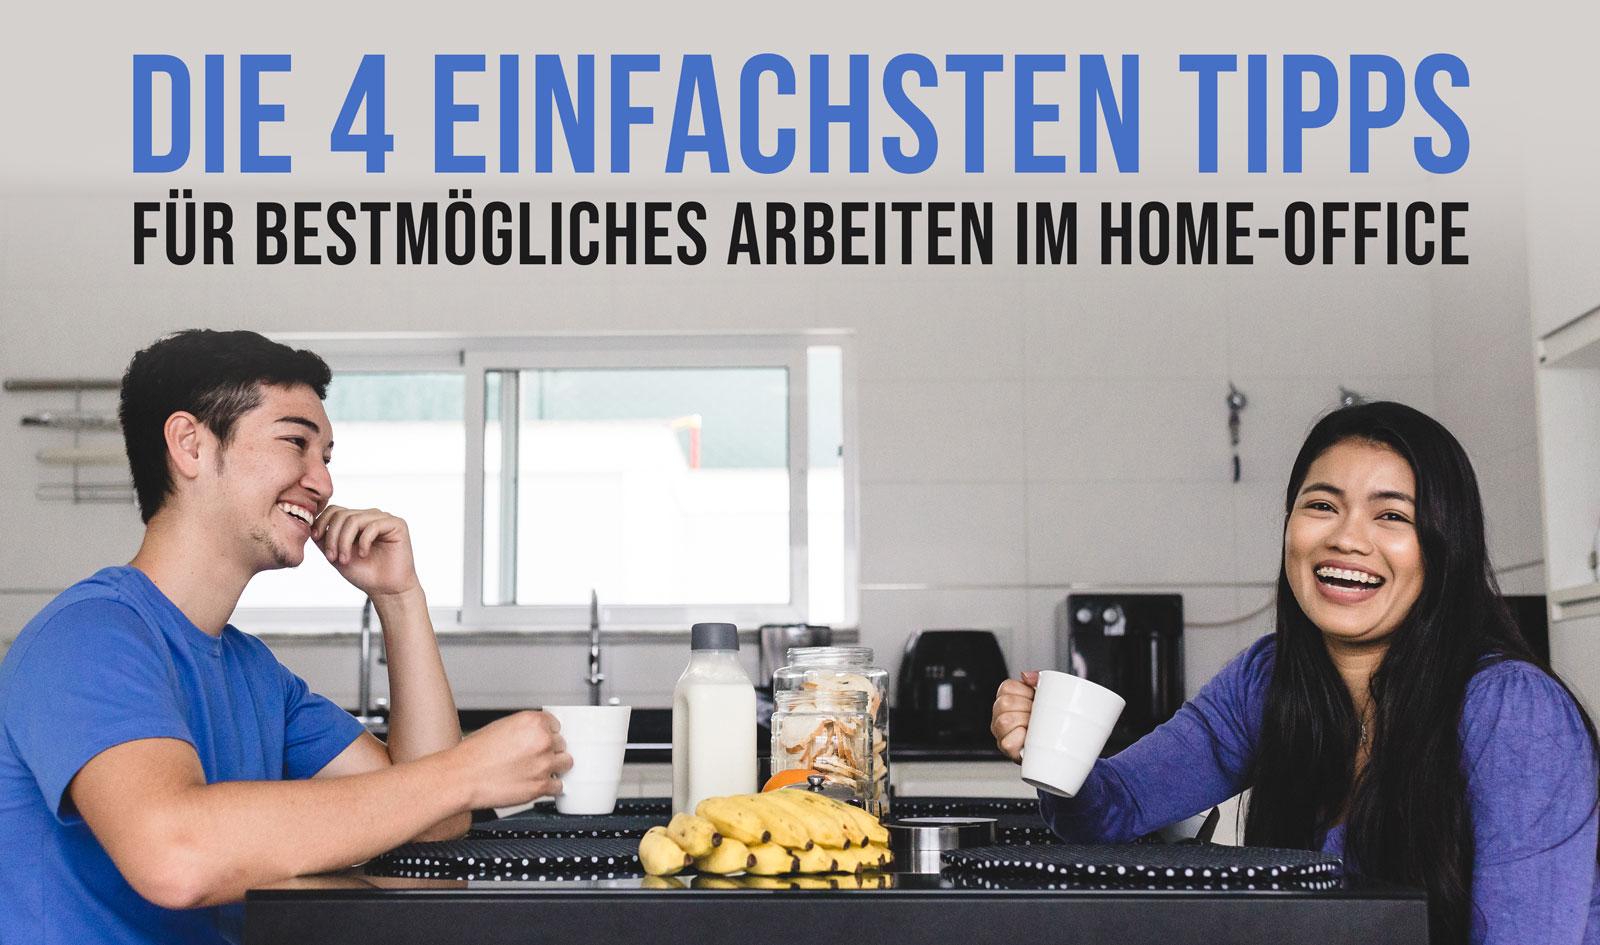 Die 4 einfachsten Tipps für bestmögliches Arbeiten im Homeoffice